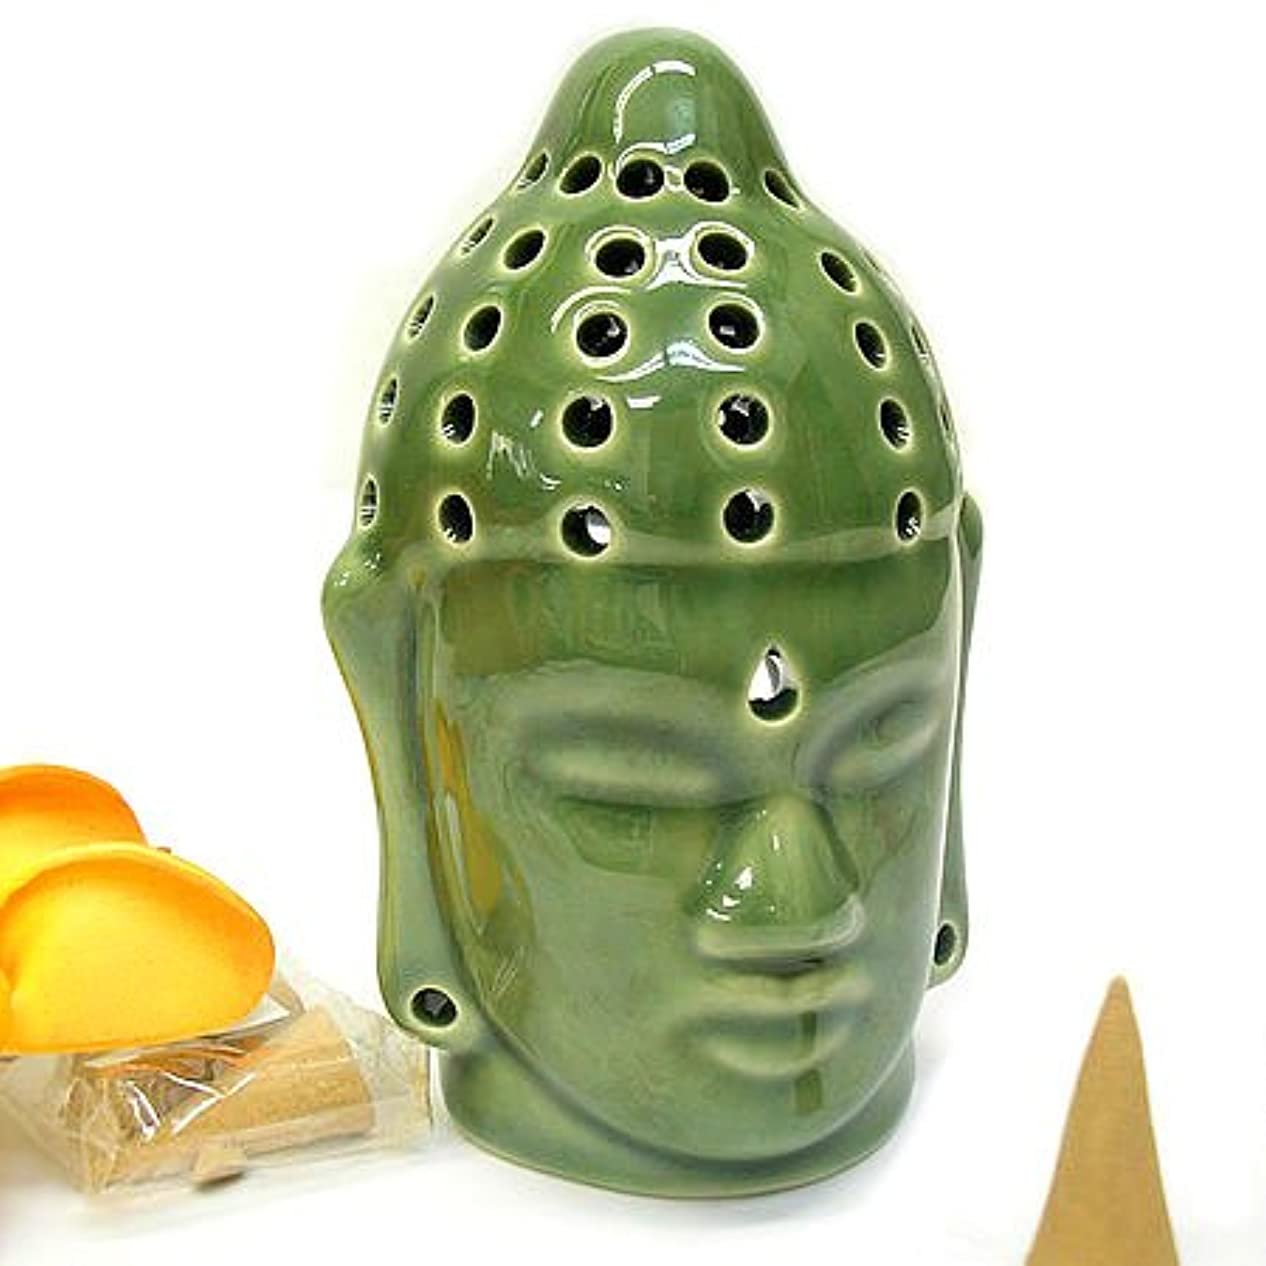 現れる爬虫類軍艦仏陀の お香たて 香炉 コーン用 緑 インセンスホルダー コーン用 お香立て お香たて アジアン雑貨 バリ雑貨